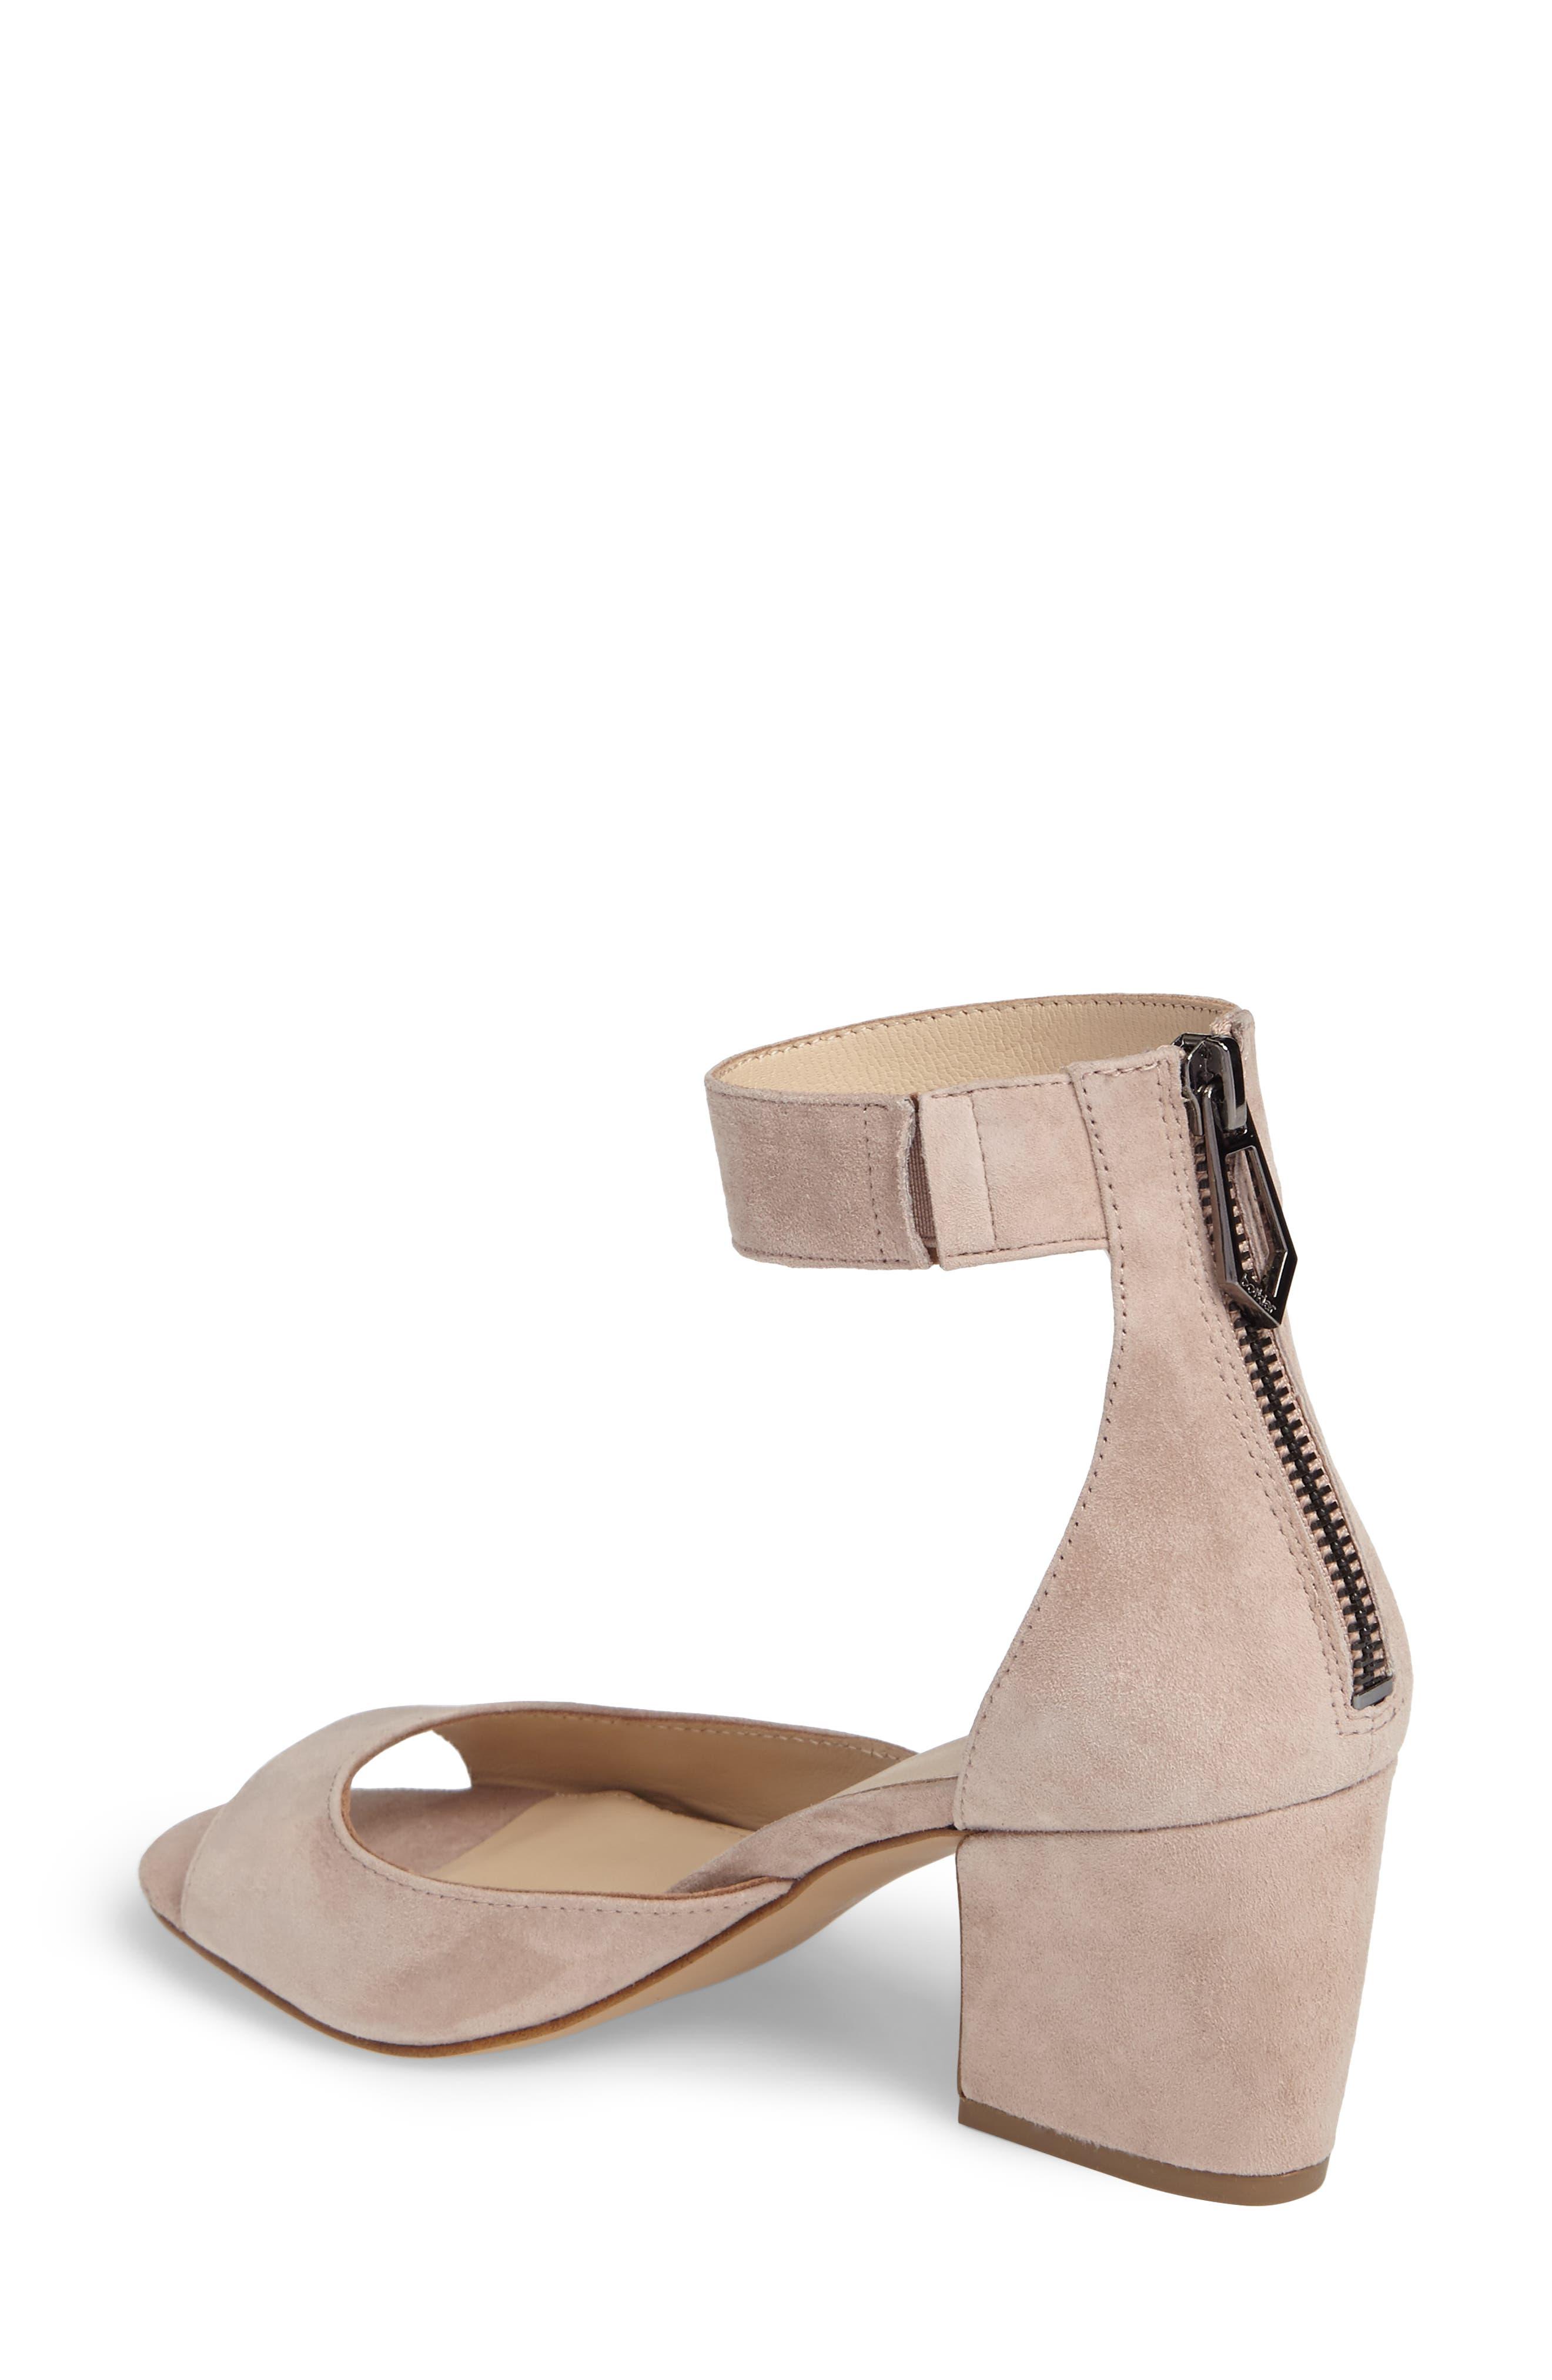 Alternate Image 2  - Botkier Pilar Ankle Strap Sandal (Women)